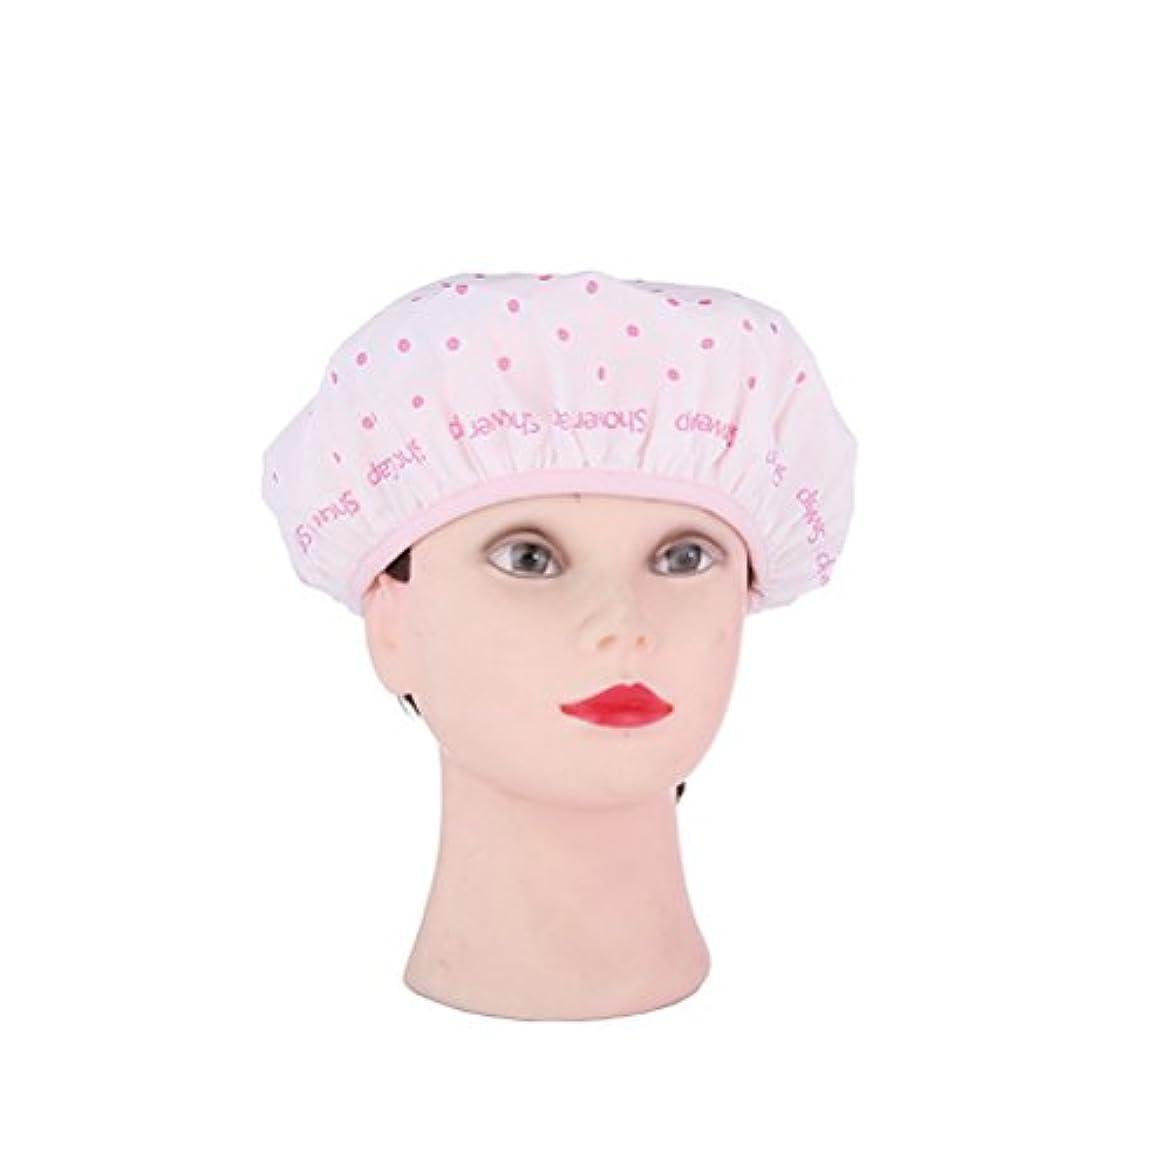 レンジ純正ズームインするHEALLILY シャワーの帽子女性の子供のための防水シャワーの帽子のBathのシャワーの毛の帽子